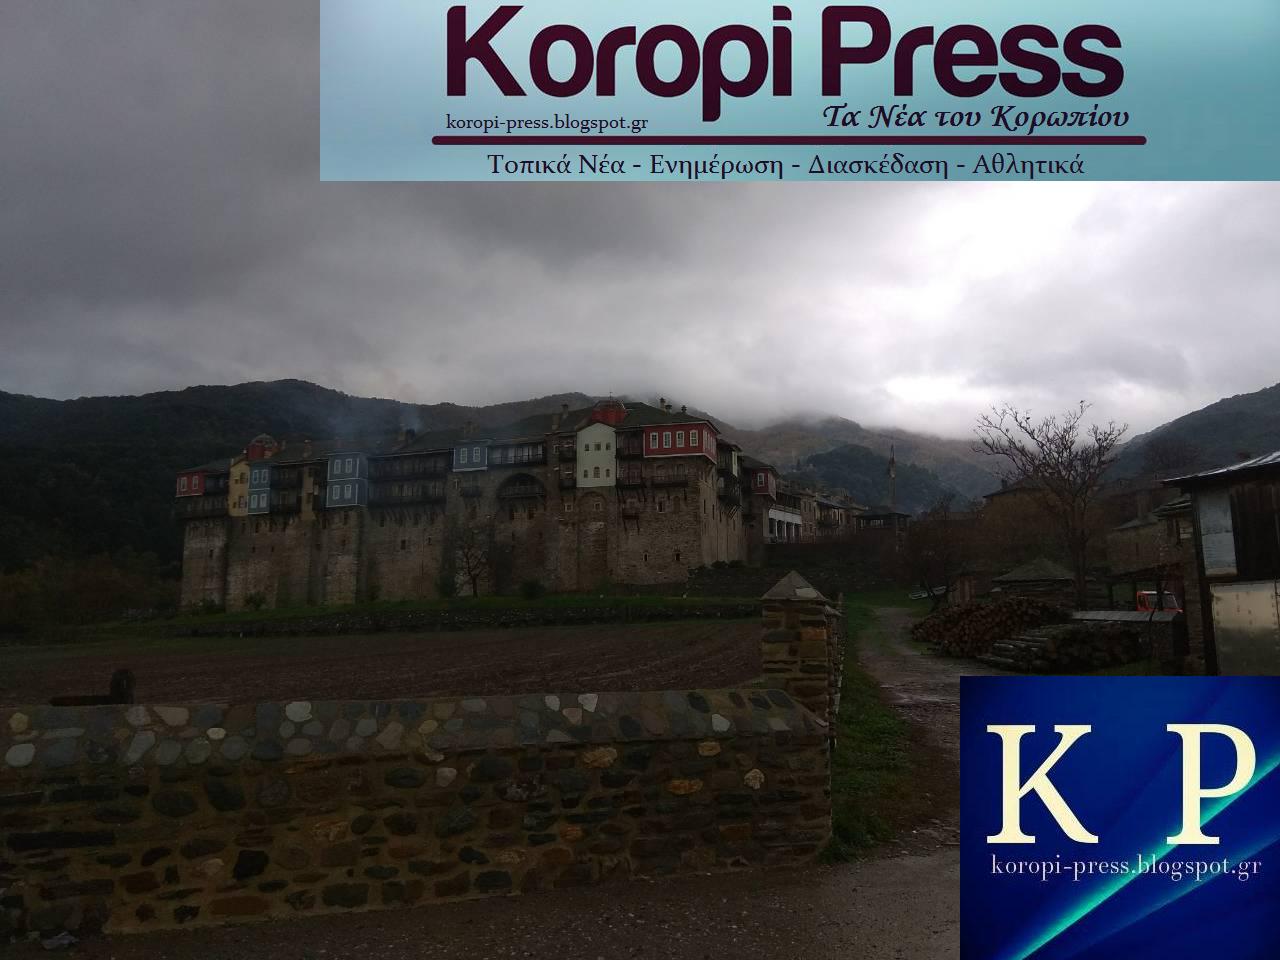 """Το μεγάλο οδοιπορικό του """"Koropi Press"""" στο Άγιον Όρος. Καρυές, Καλύβη Αγίου Παϊσίου, Μονή Ιβήρων."""